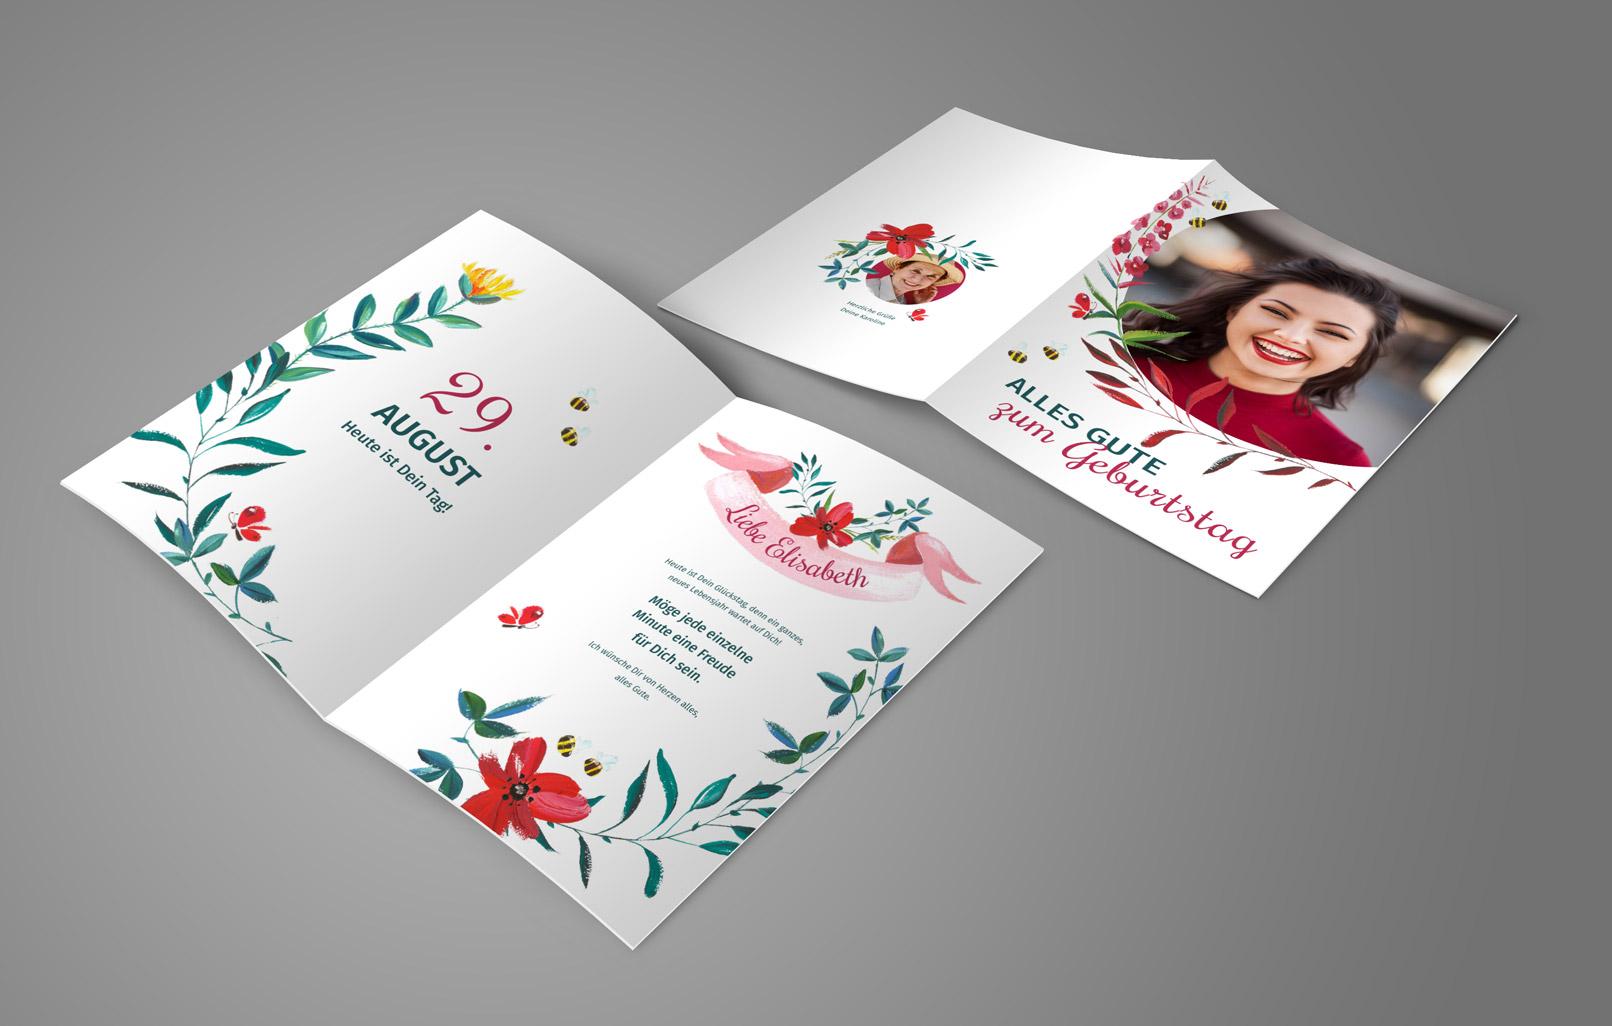 Vorlage für eine Geburtstagskarte mit illustrativen Blumen